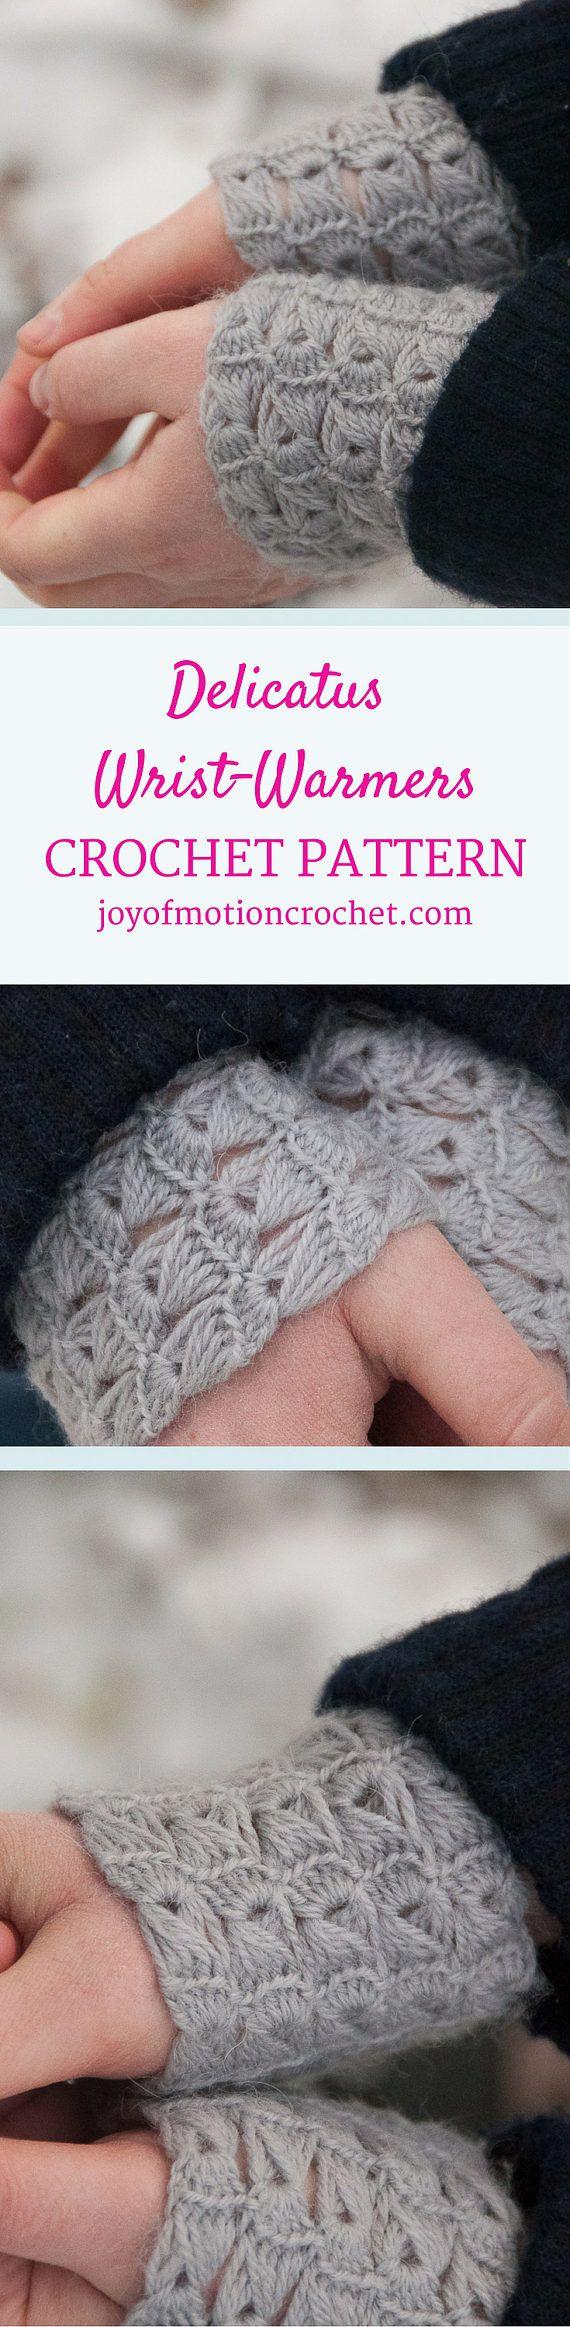 CROCHET PATTERN - Delicatus Wrist Warmers Crochet Pattern - PDF Crochet Pattern from joyofmotion on Etsy Studio